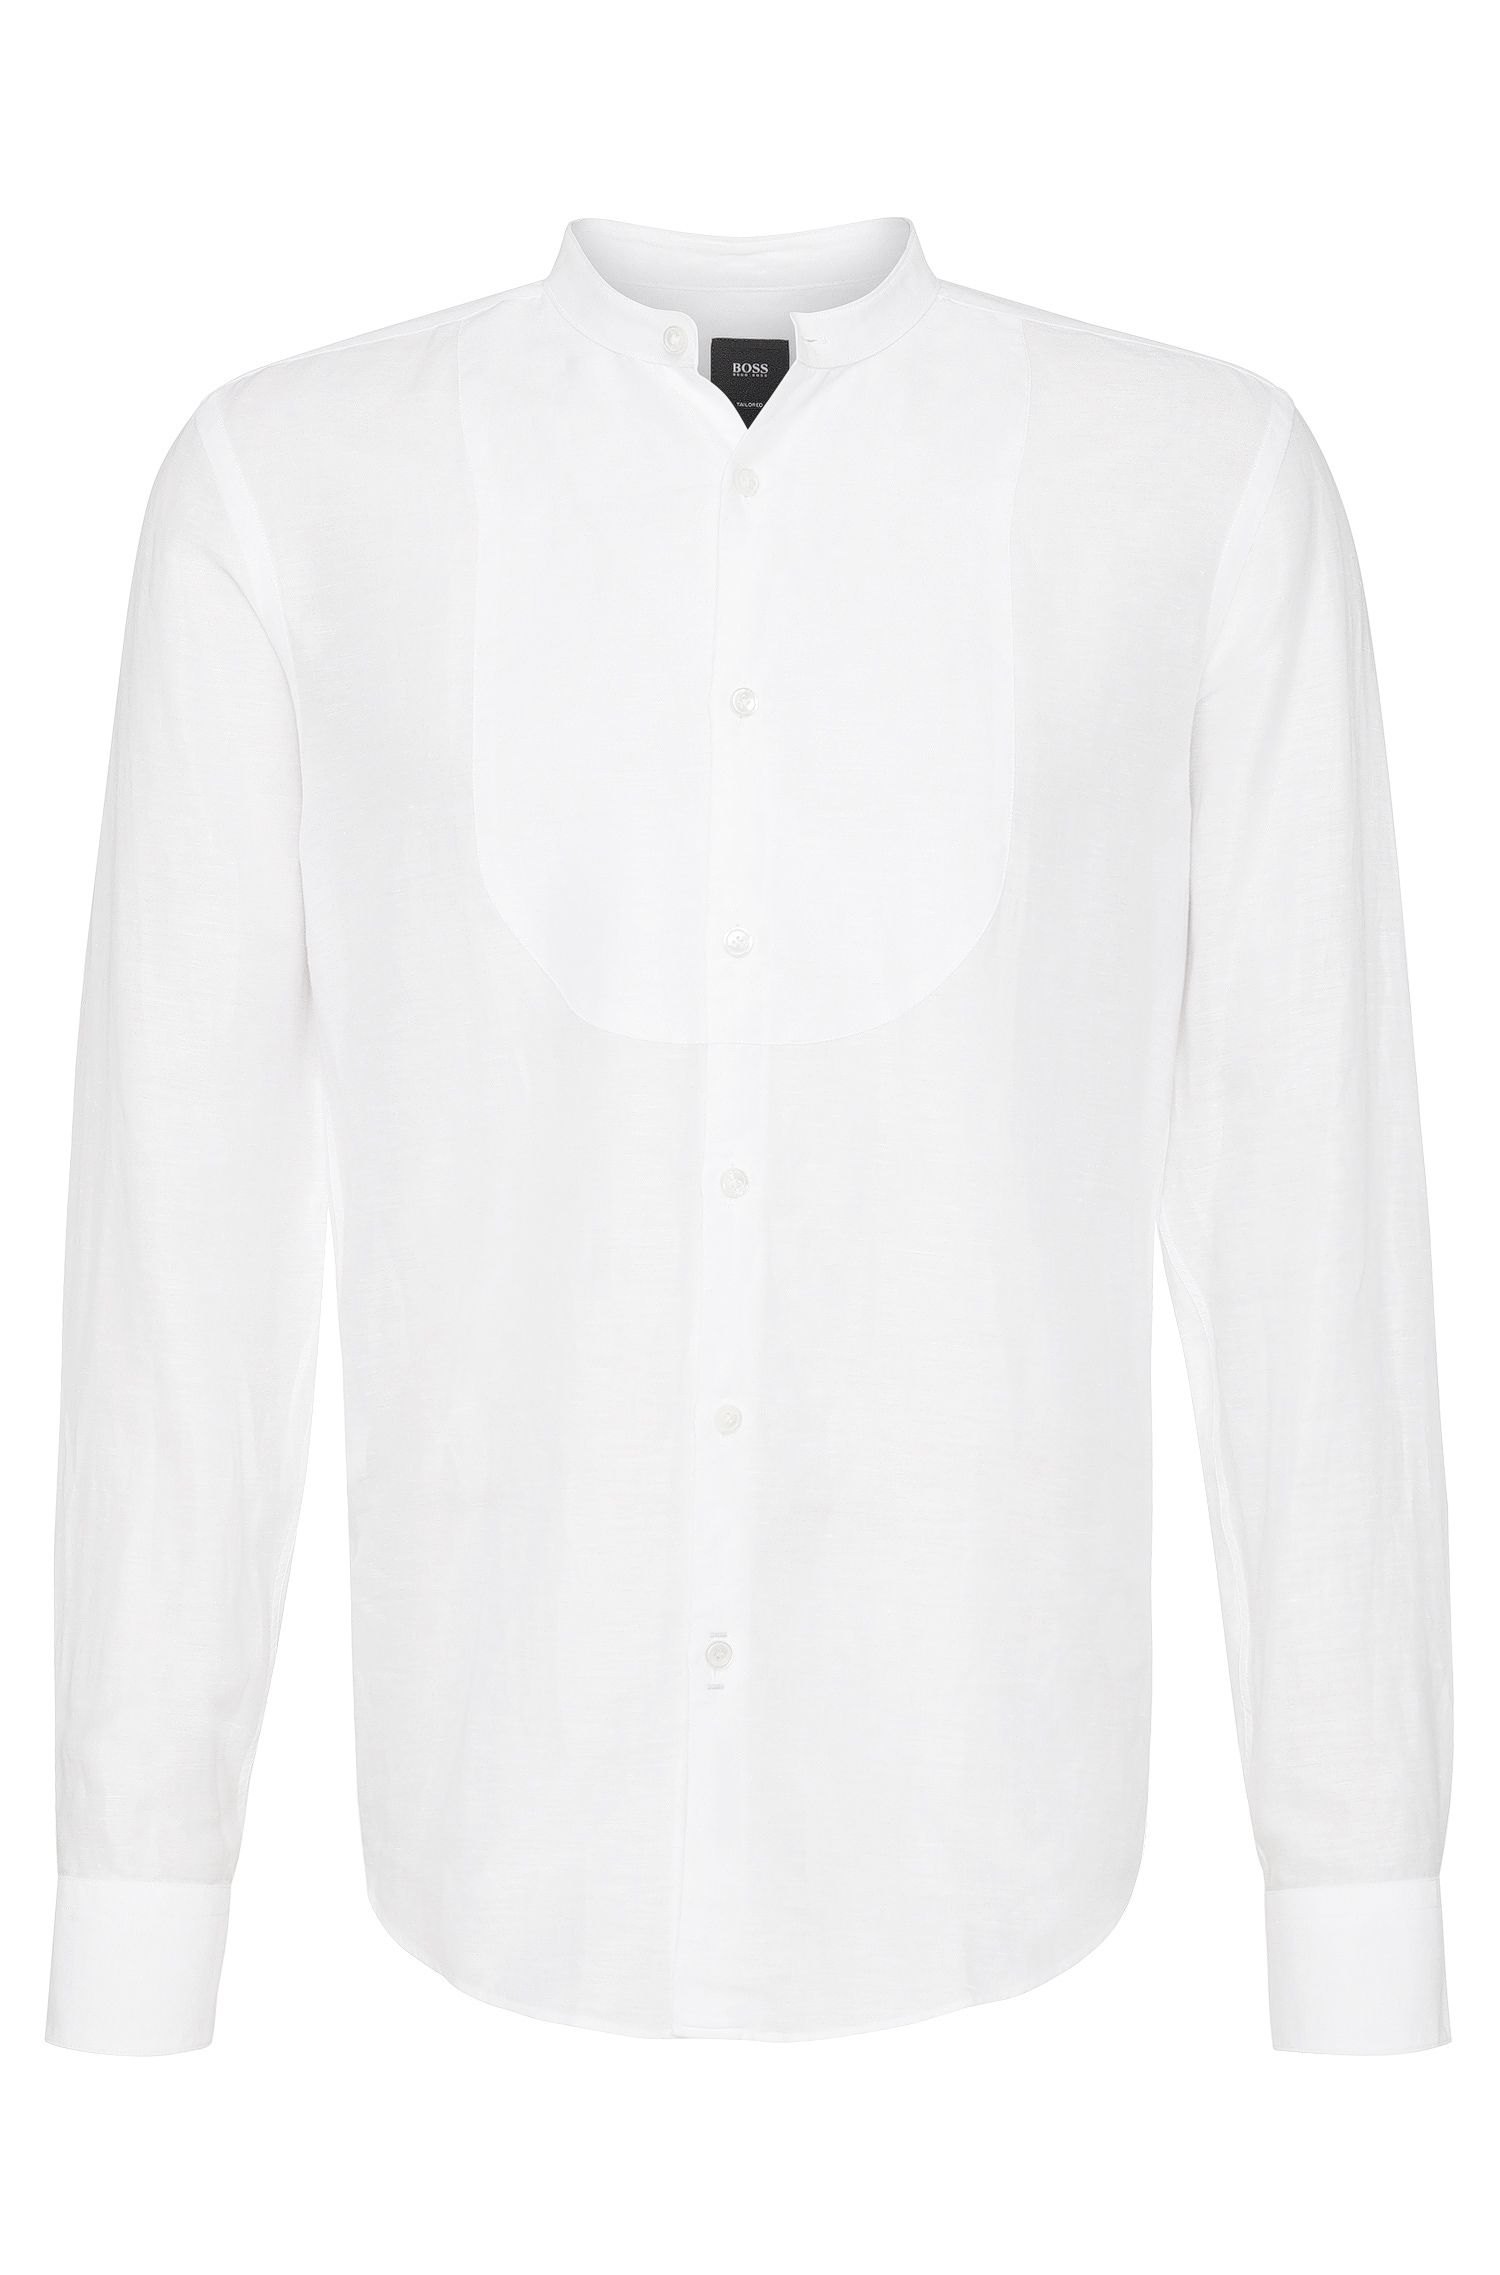 'T-Ram' | Slim Fit, Linen Cotton Button Down Shirt